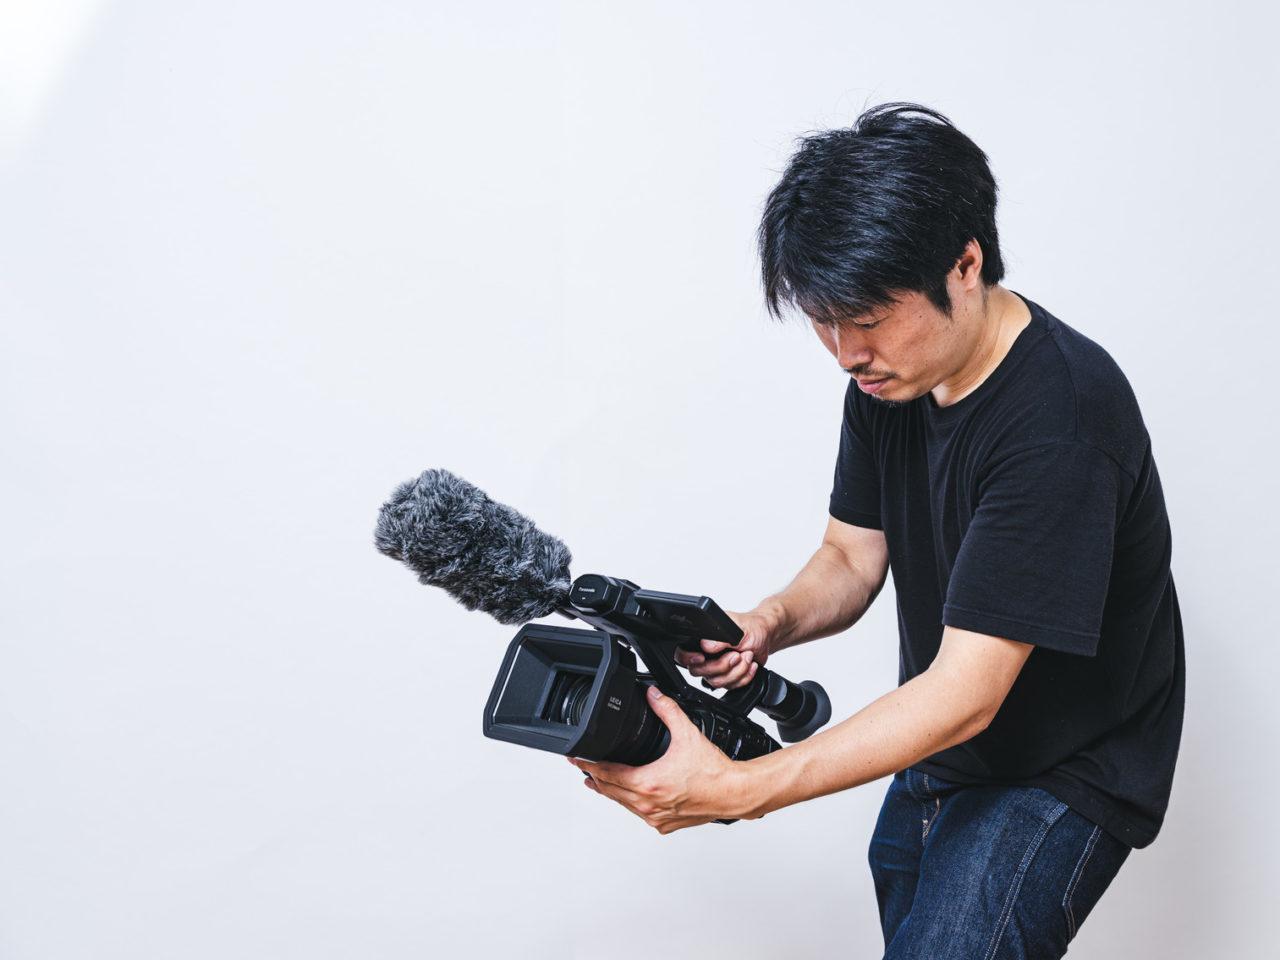 YouTube(ユーチューブ)のショート動画を非表示にして消す方法はある?のサムネイル画像